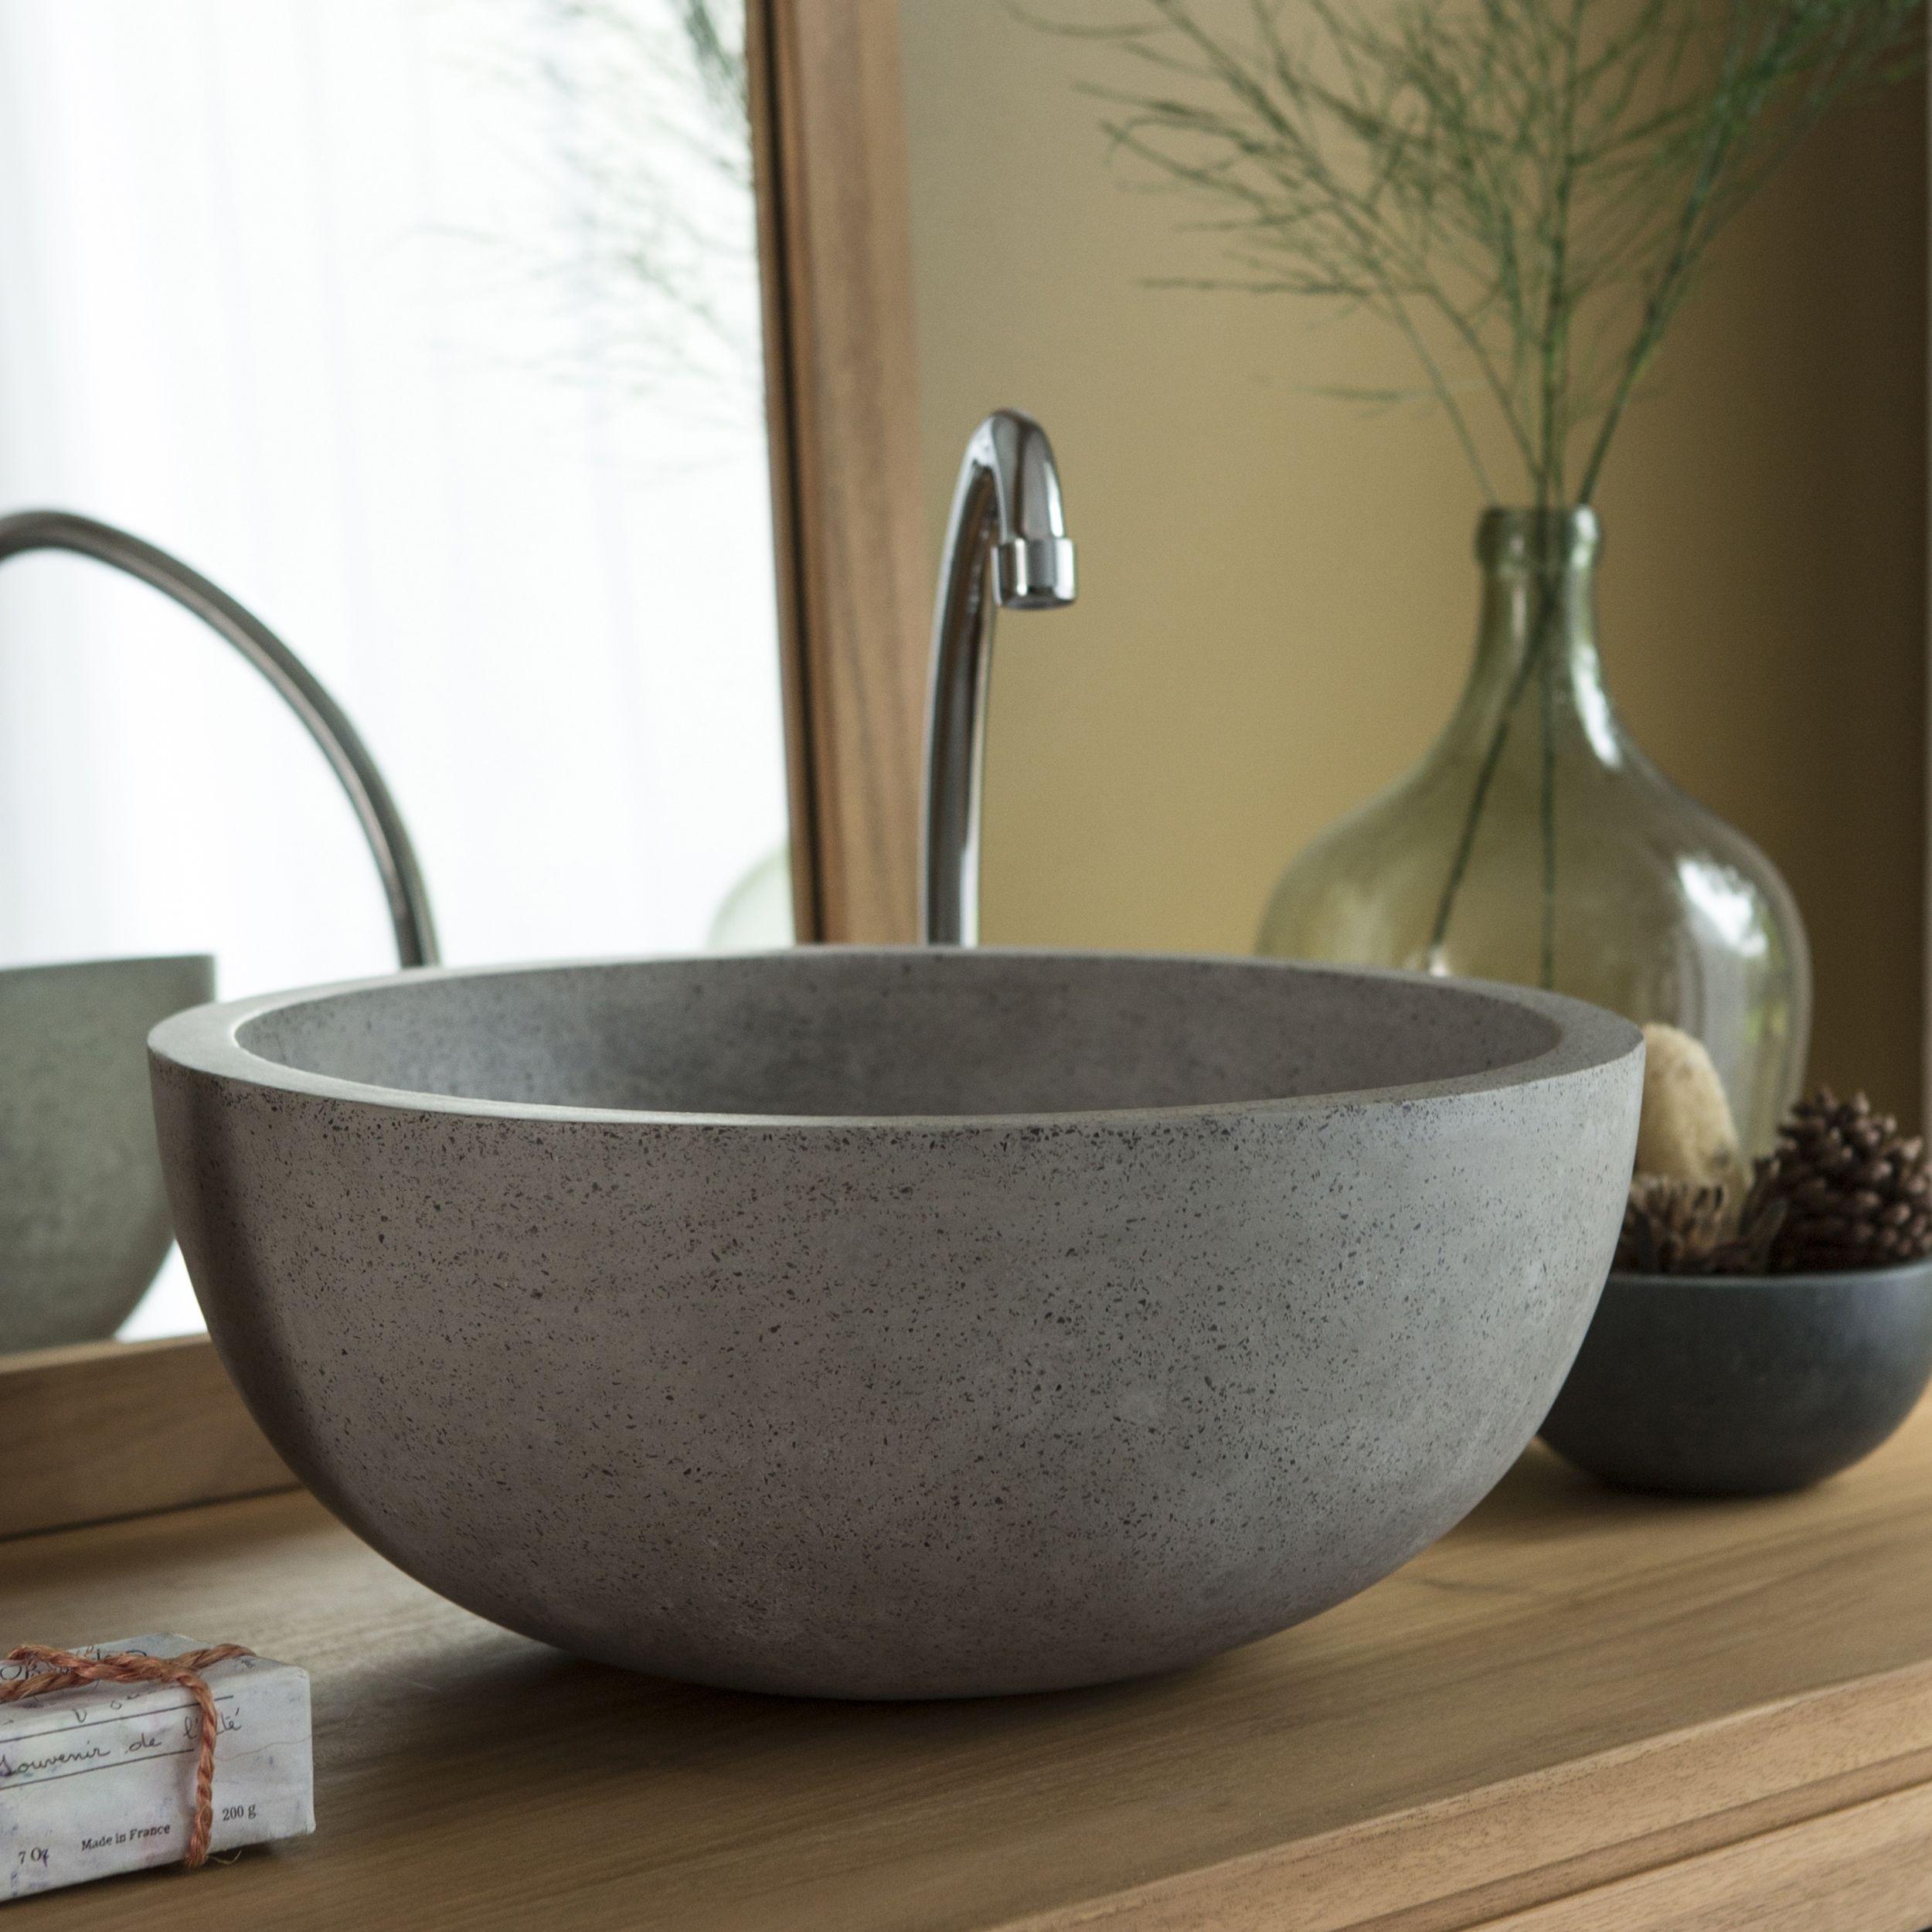 Waschbecken Grau terrazzo waschbecken isa grau | haus - badezimmer | pinterest